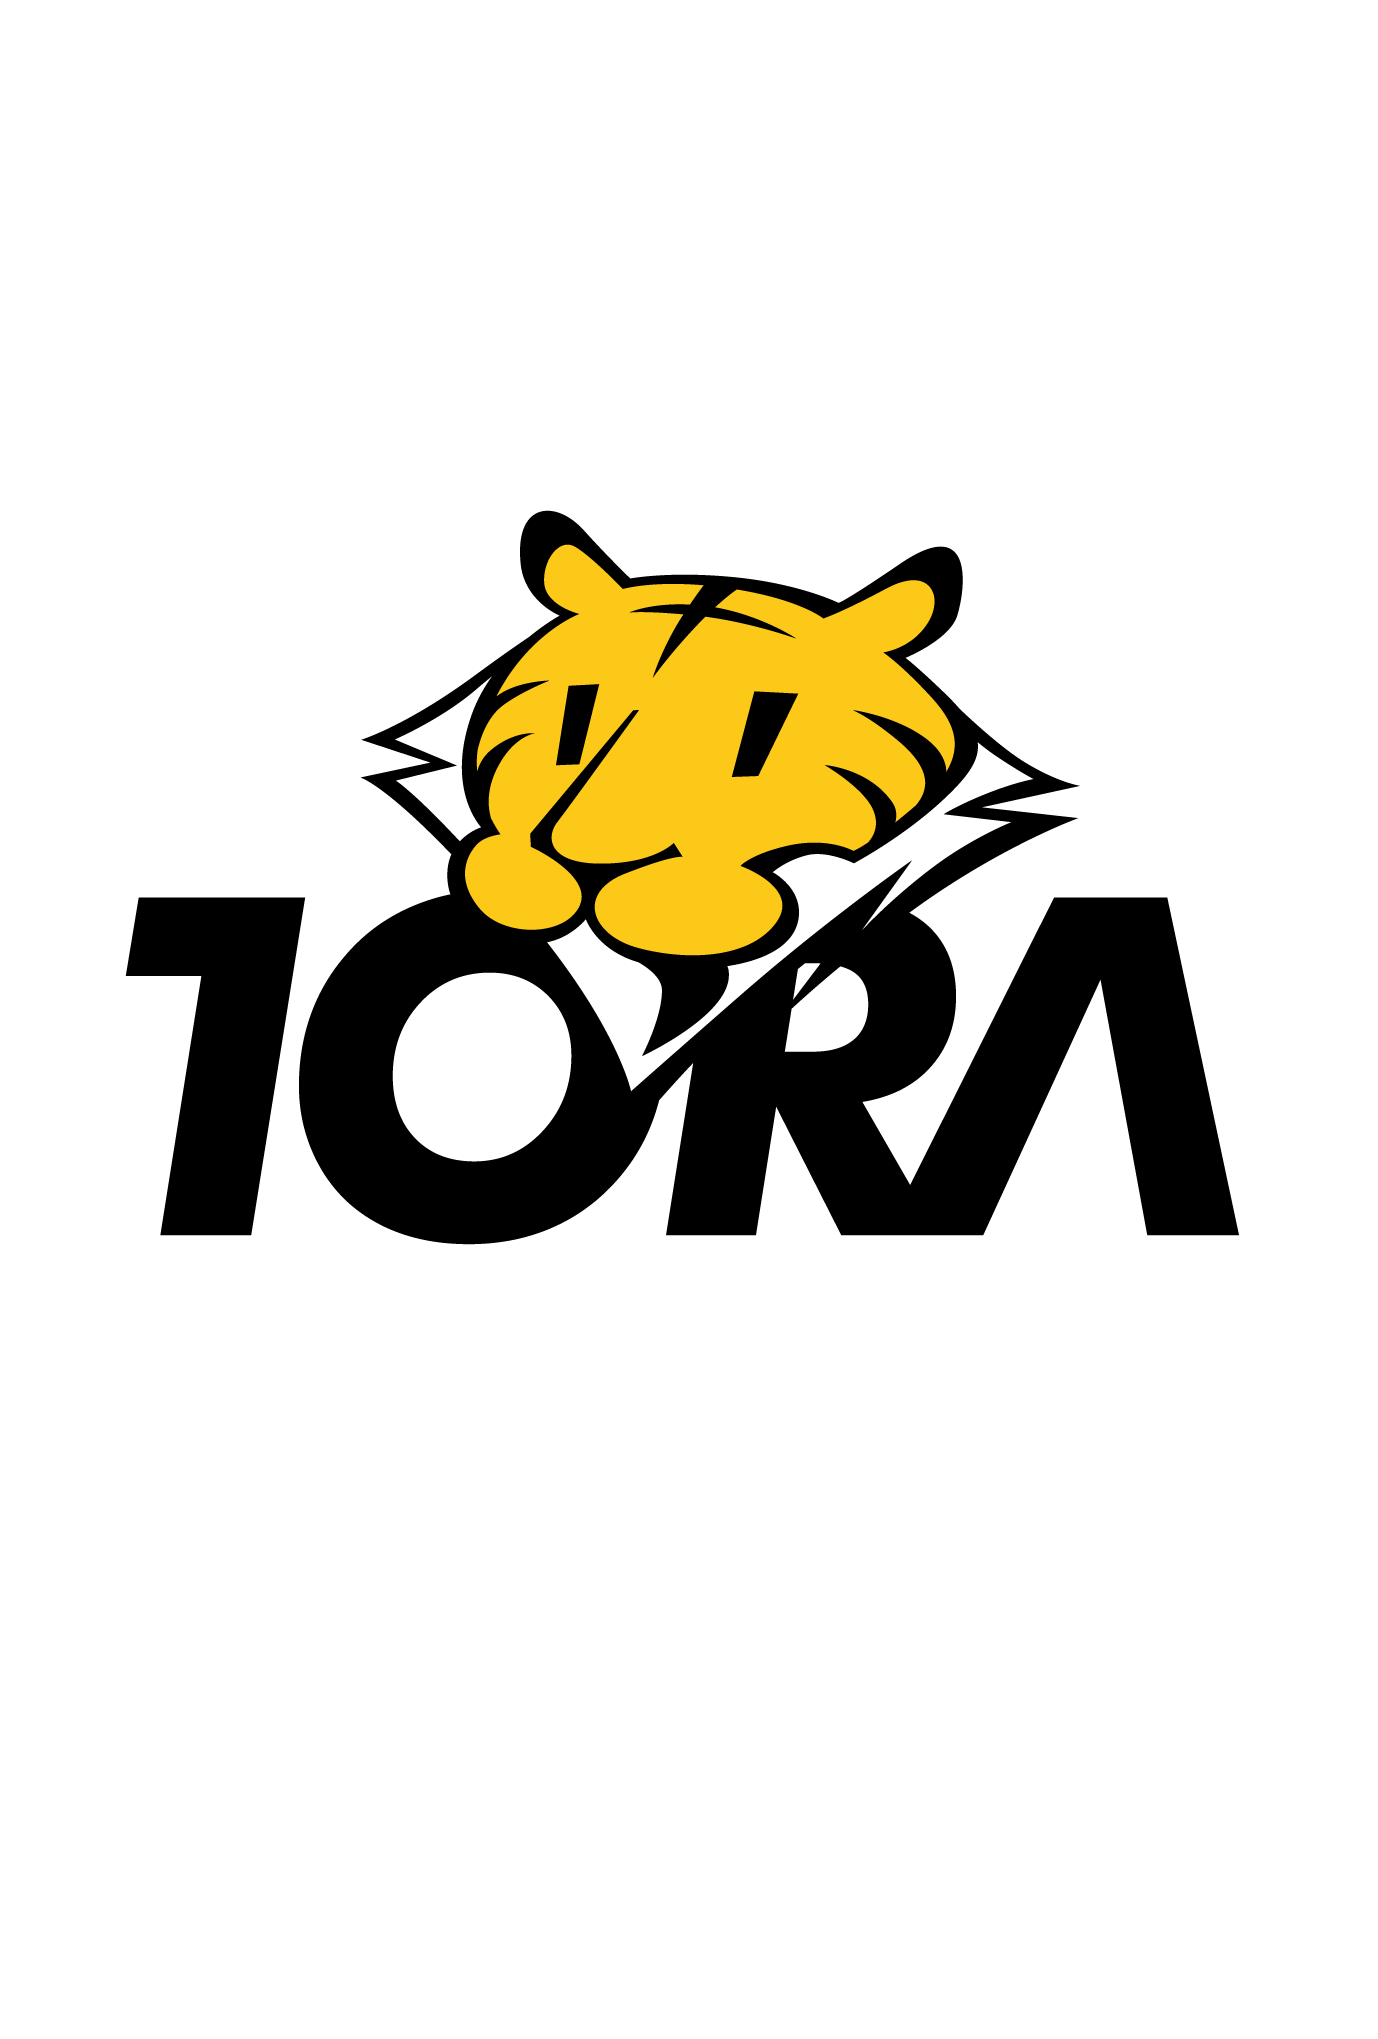 2010年賀状17:TORA/10RAのダウンロード画像